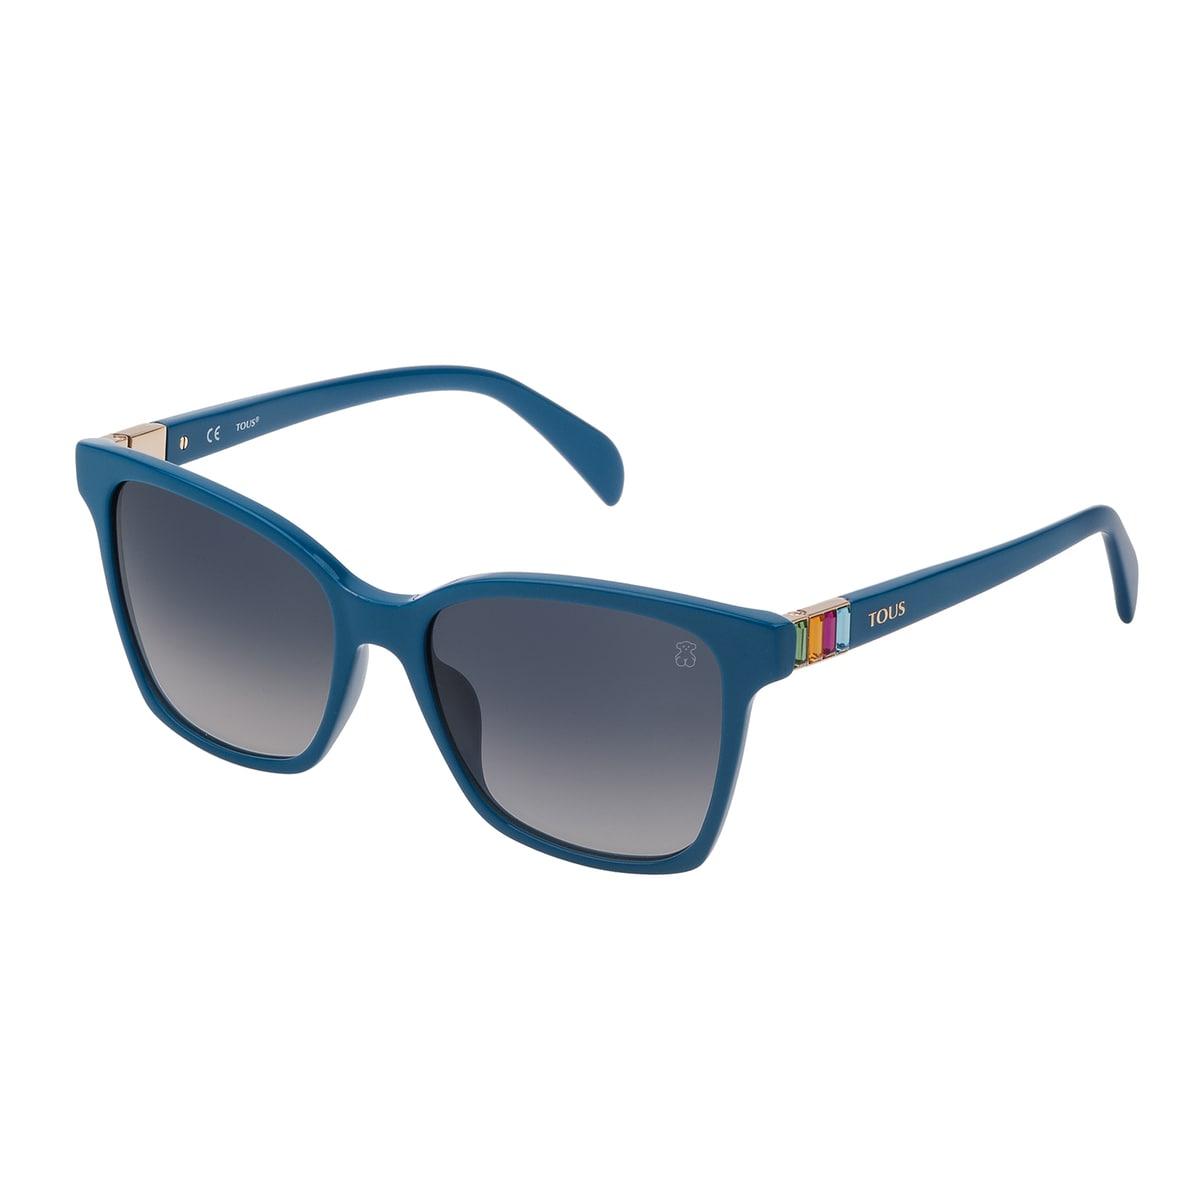 Γυαλιά Ηλίου Gems Squared από Acetate σε μπλε χρώμα